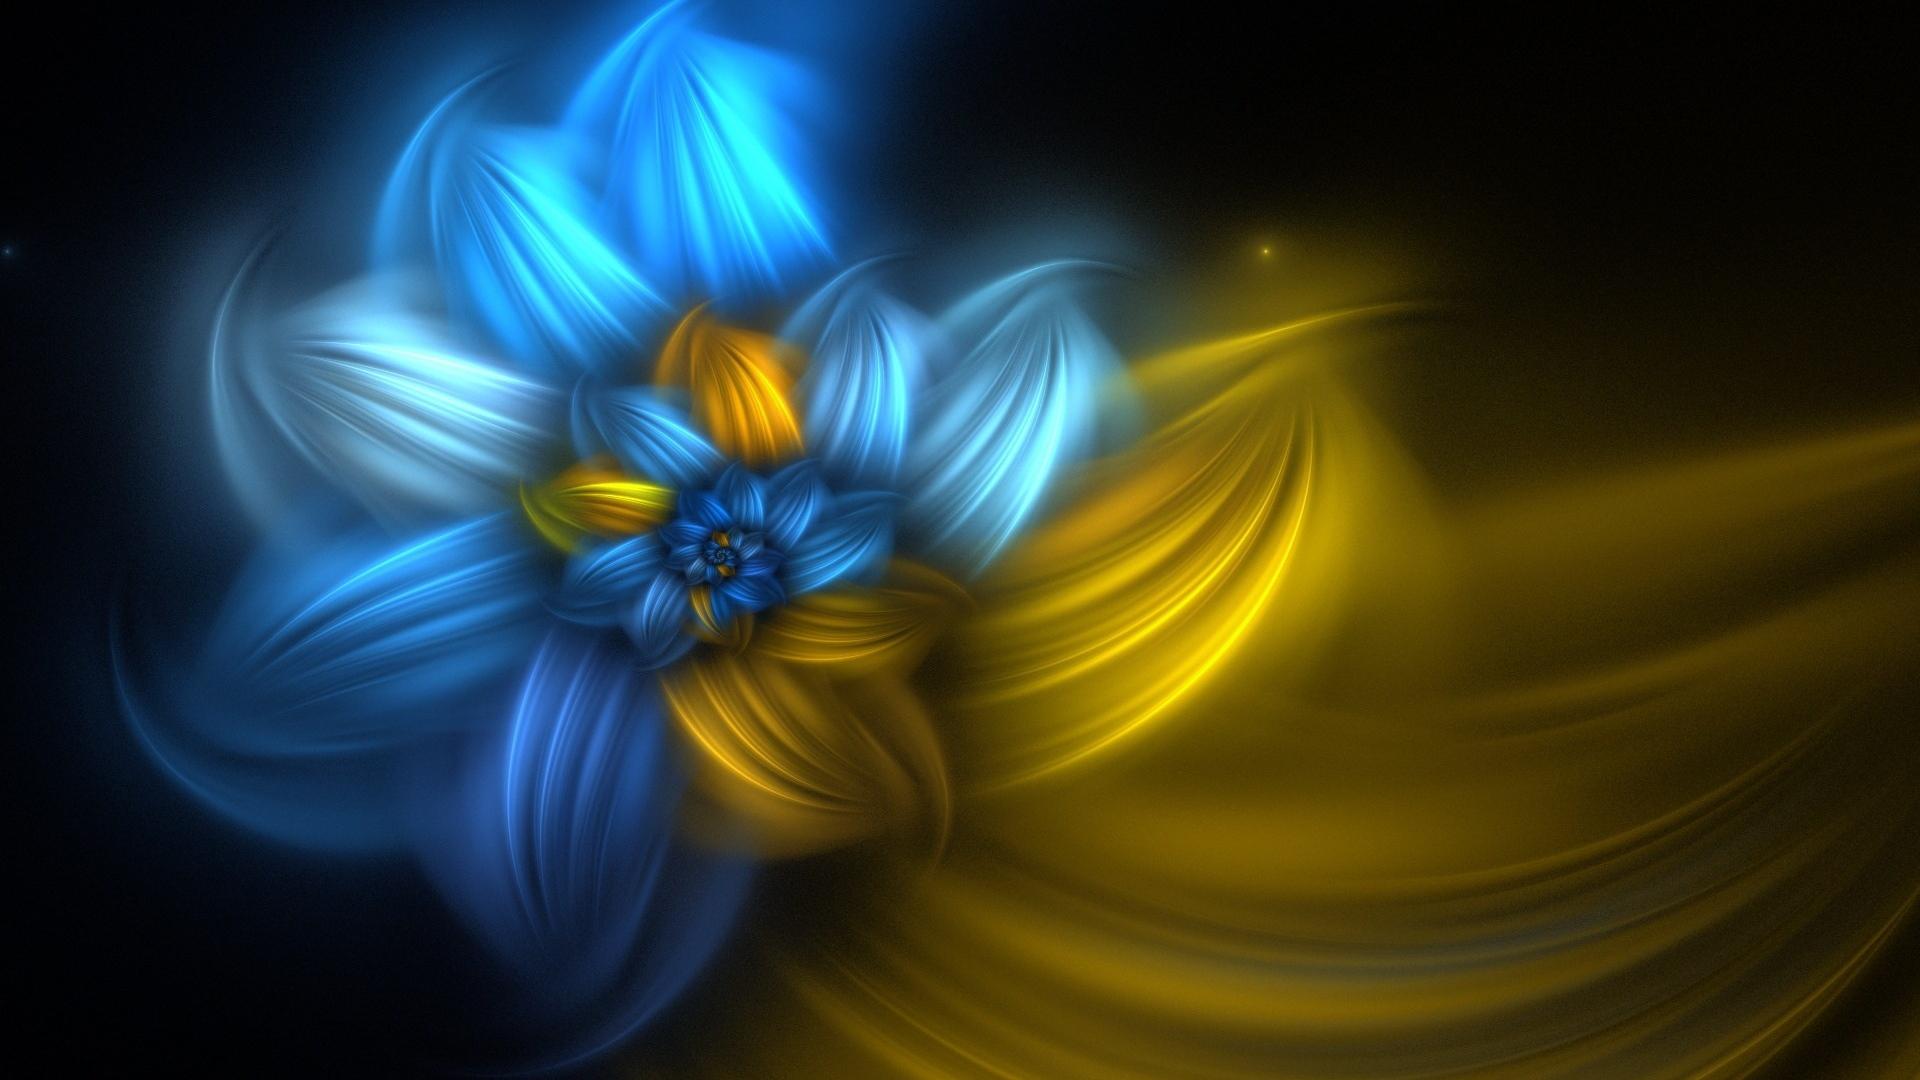 flower, spiral, paint